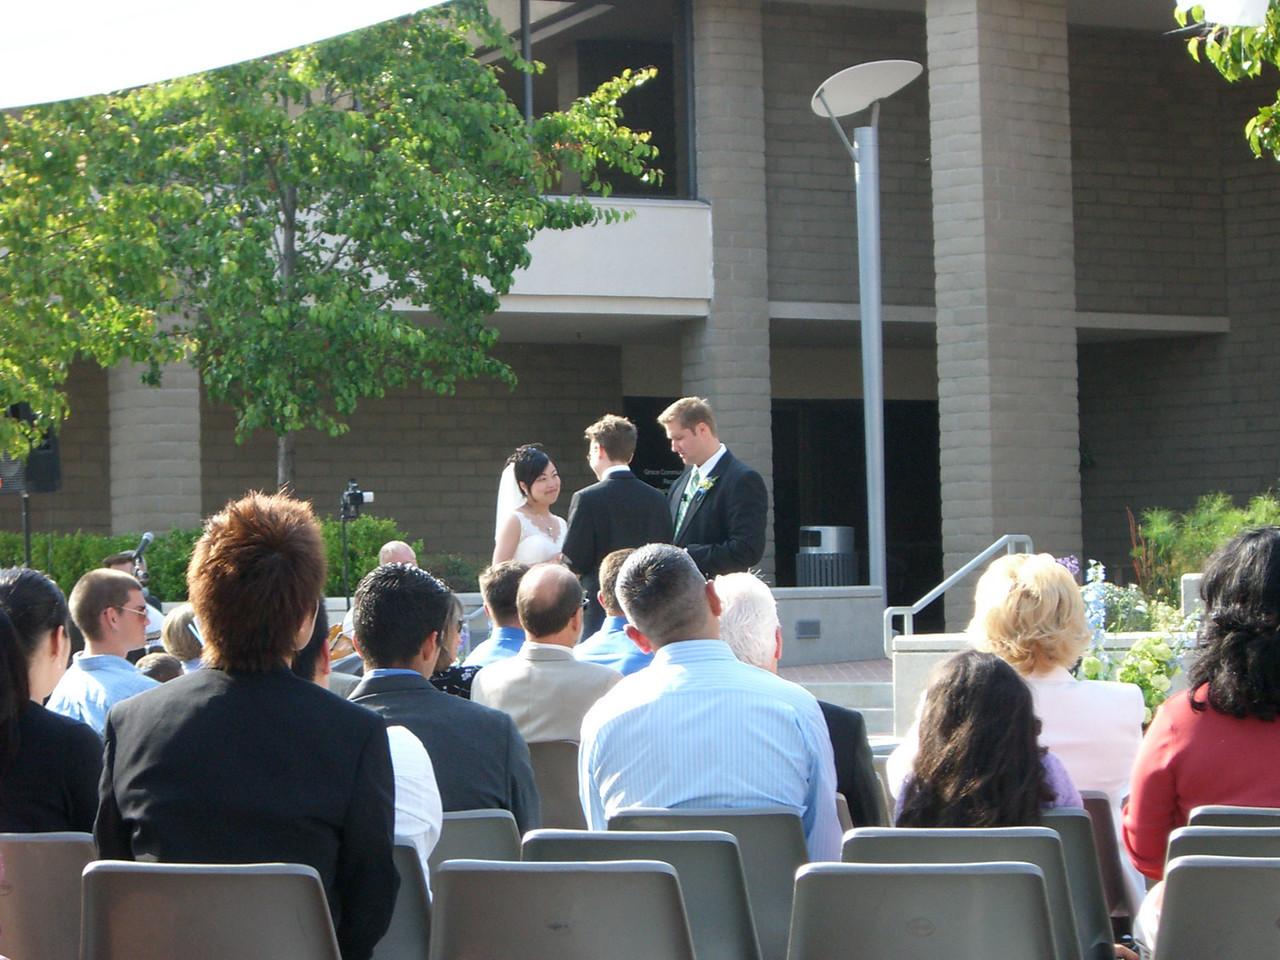 2006 05 06 Sat - Isabel & Tim saying vows